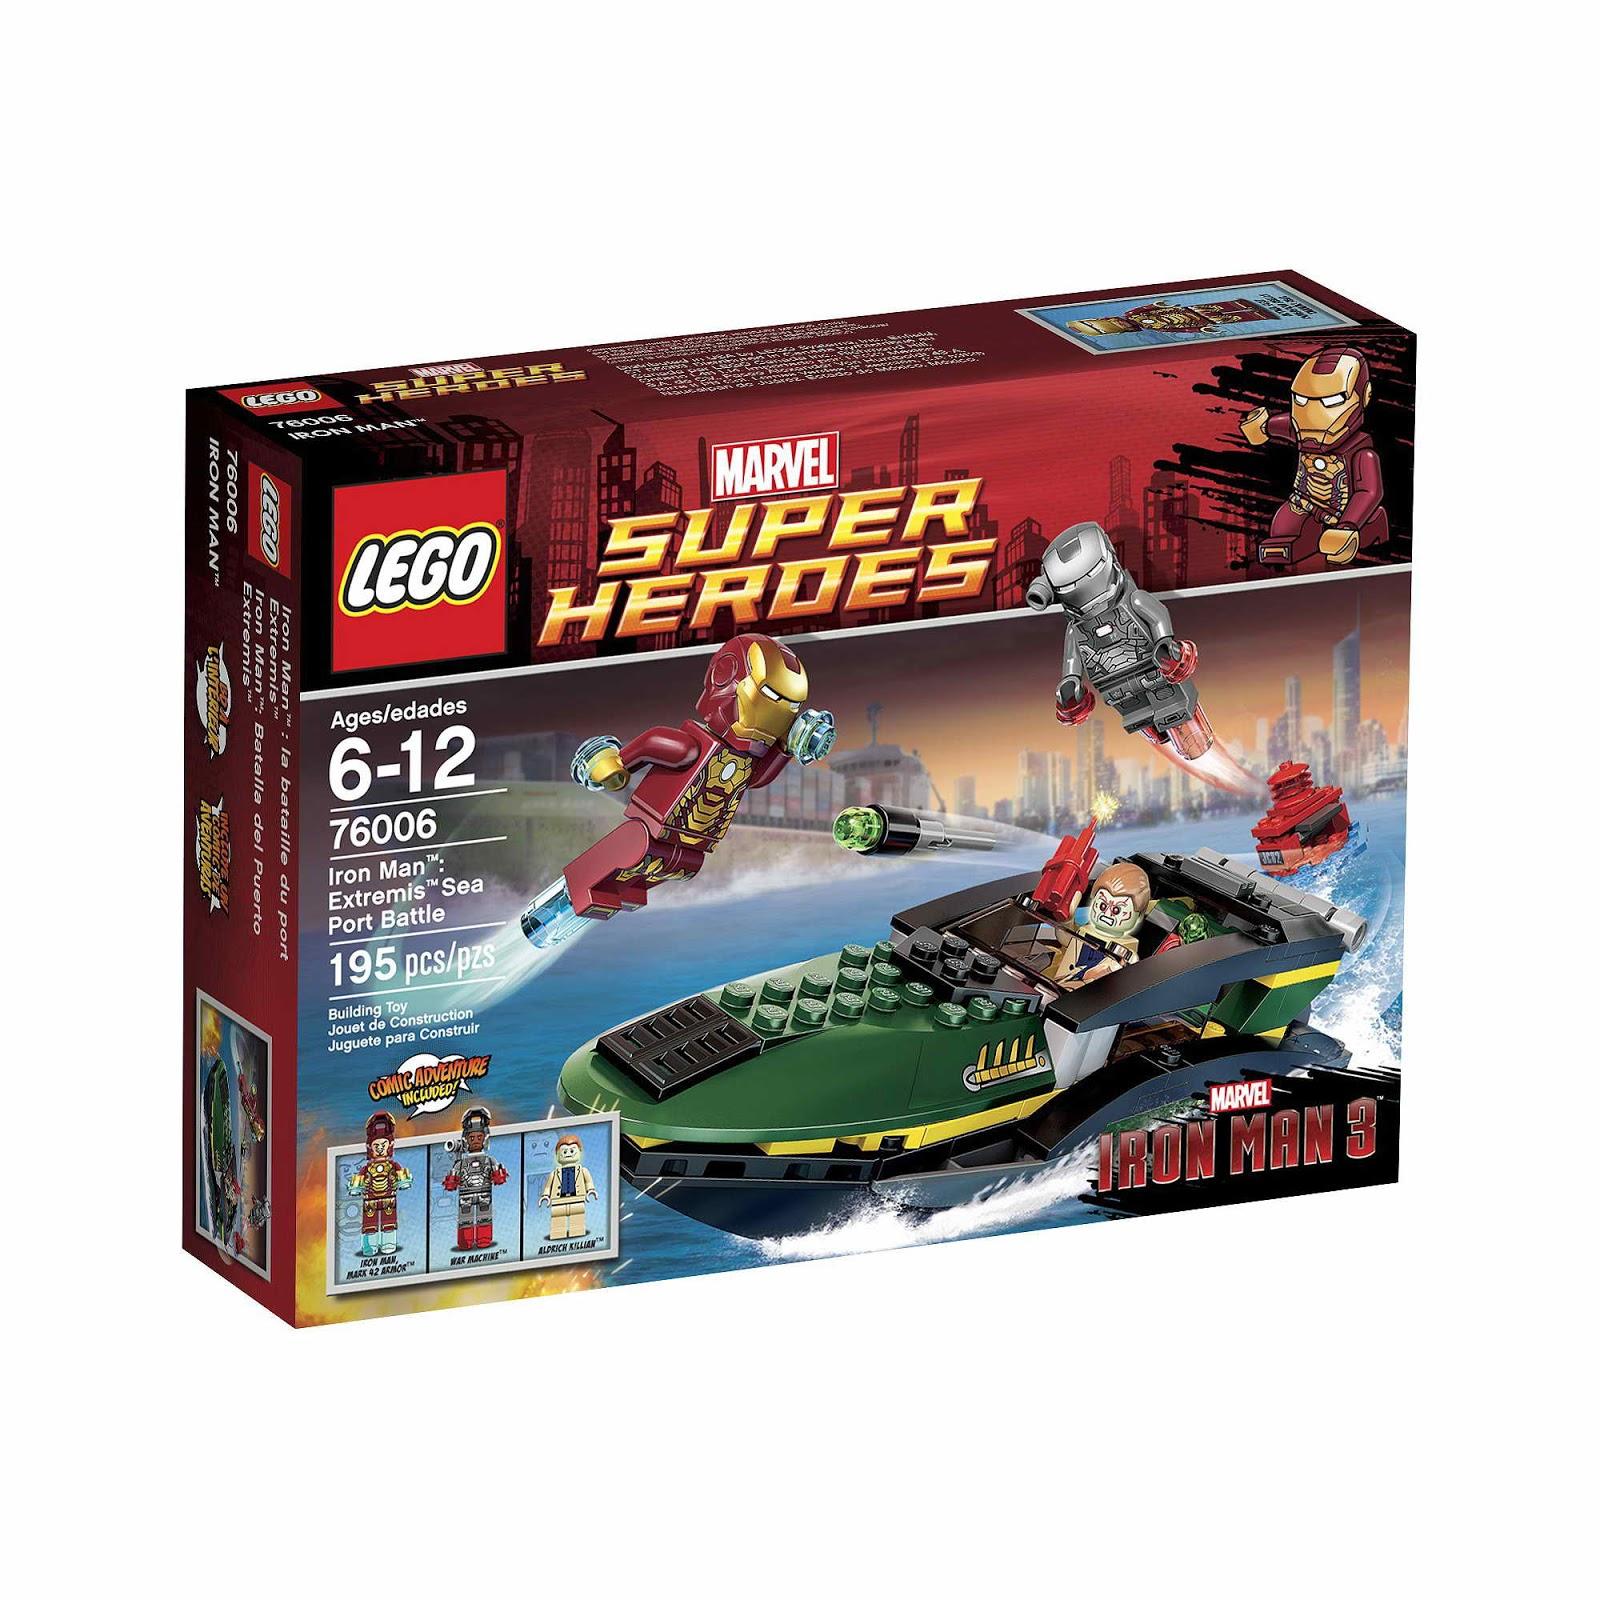 Repubblick set database lego 76006 iron man extremis - Lego iron man extremis sea port battle ...